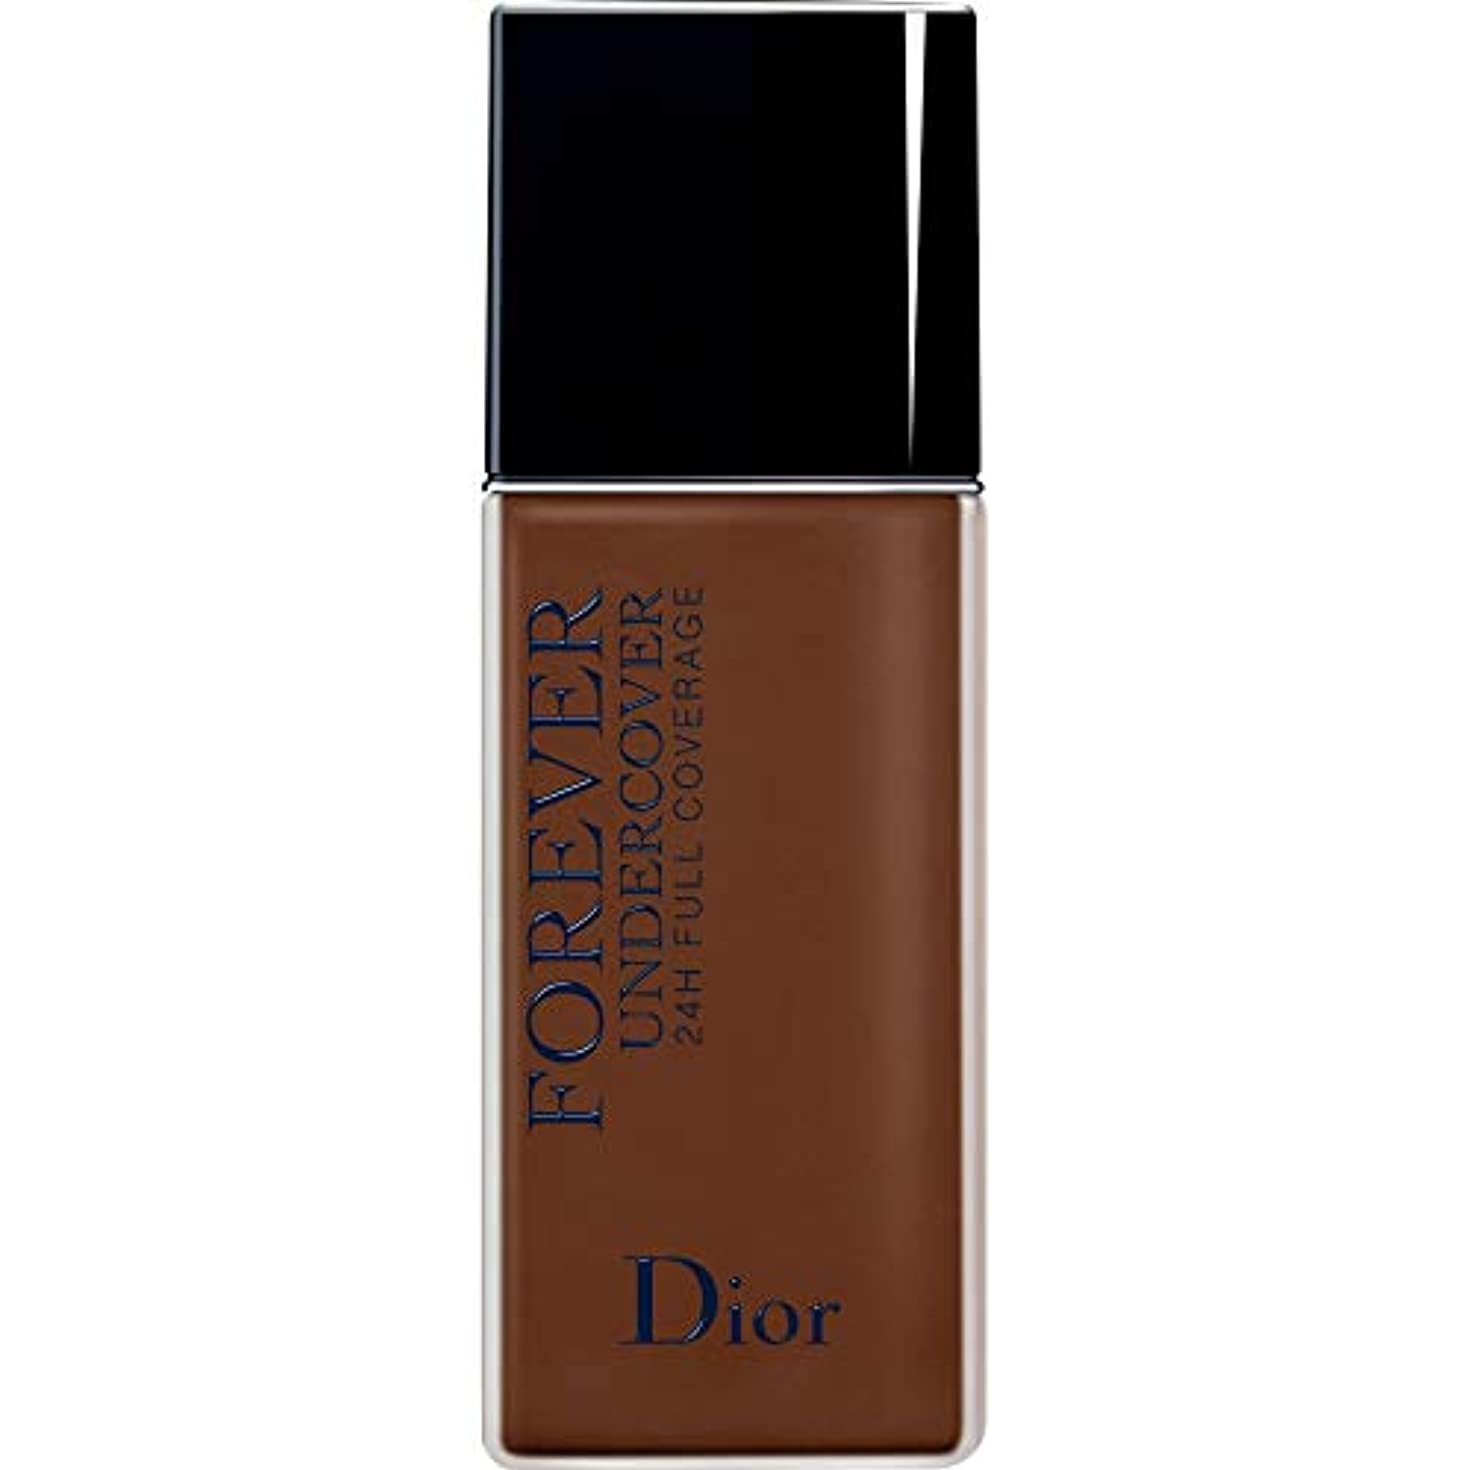 チーム宿泊施設代数[Dior ] ディオールディオールスキン永遠アンダーカバーフルカバーの基礎40ミリリットル080 - 黒檀 - DIOR Diorskin Forever Undercover Full Coverage Foundation...